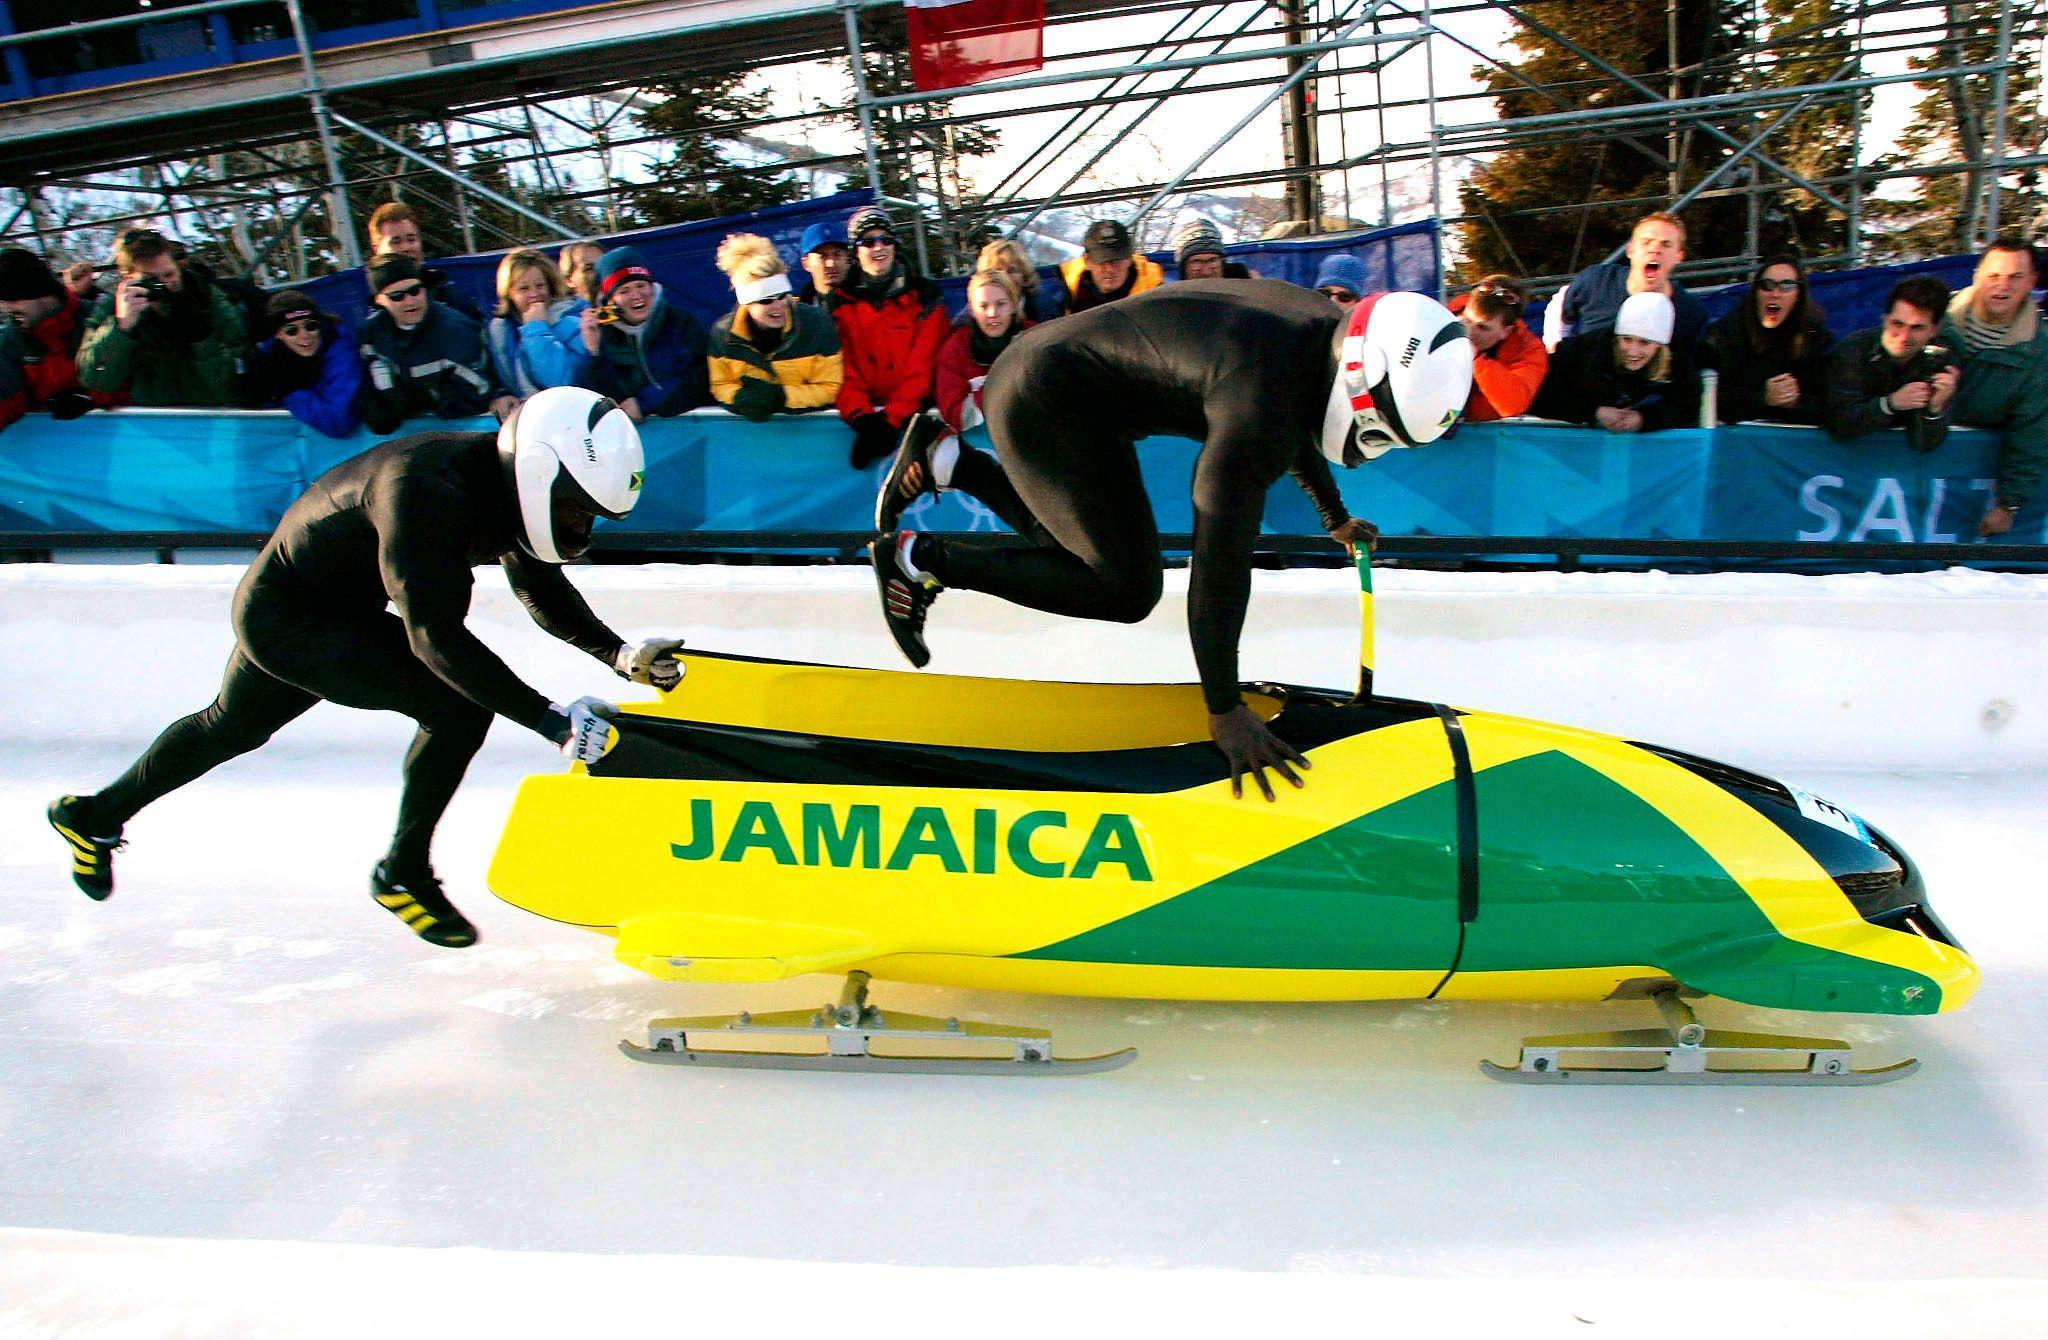 JO 2014 : la Jamaïque se qualifie en bobsleigh, mais...